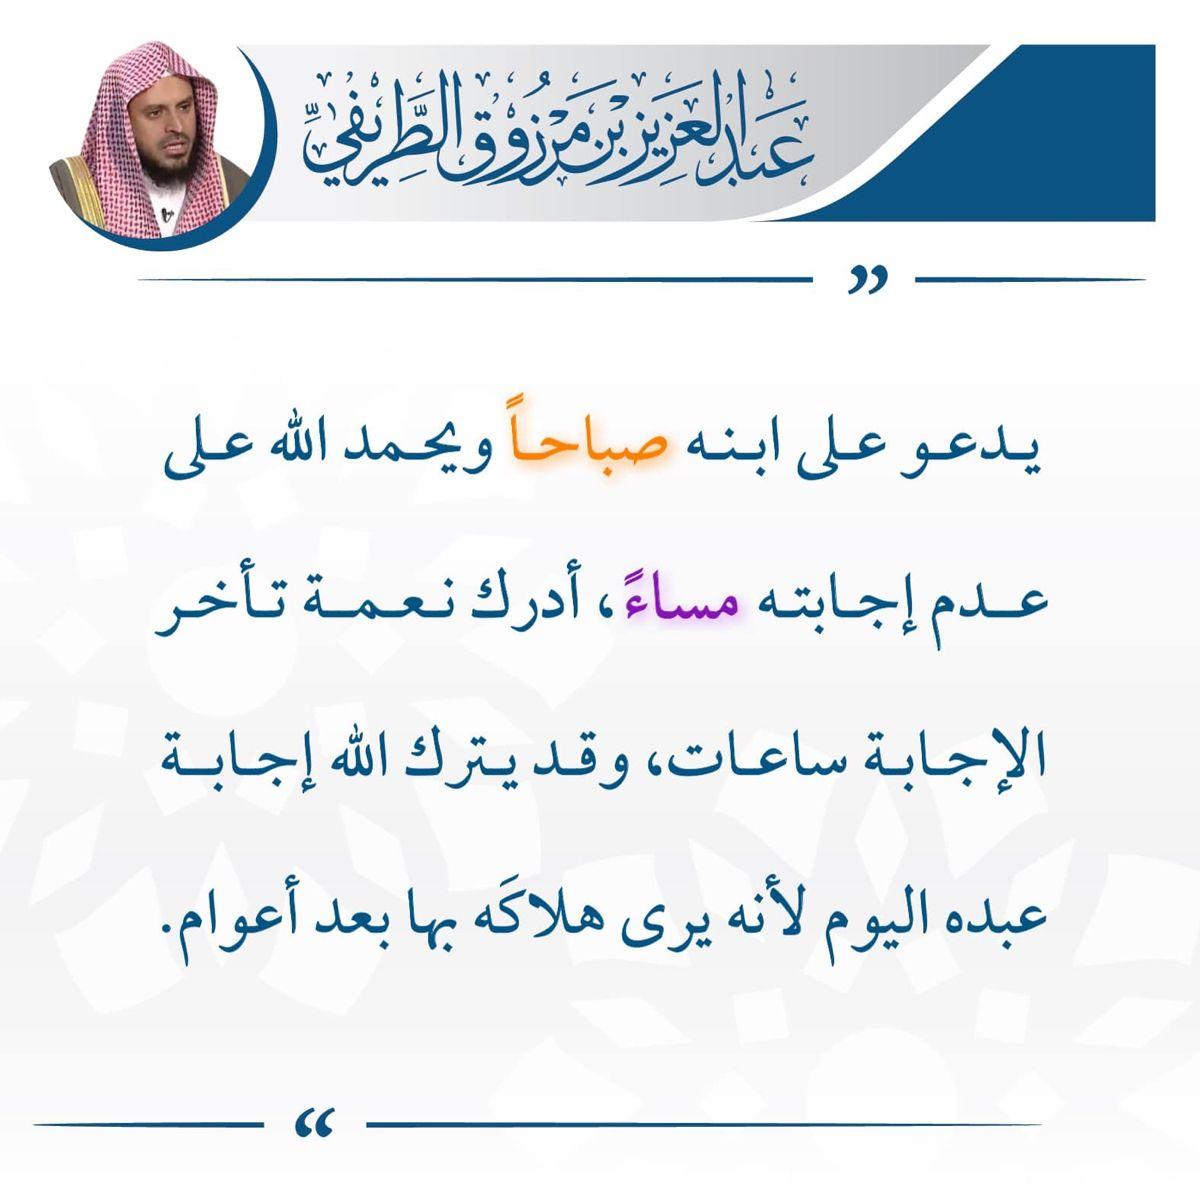 كتب عبد العزيز الطريفي Pdf